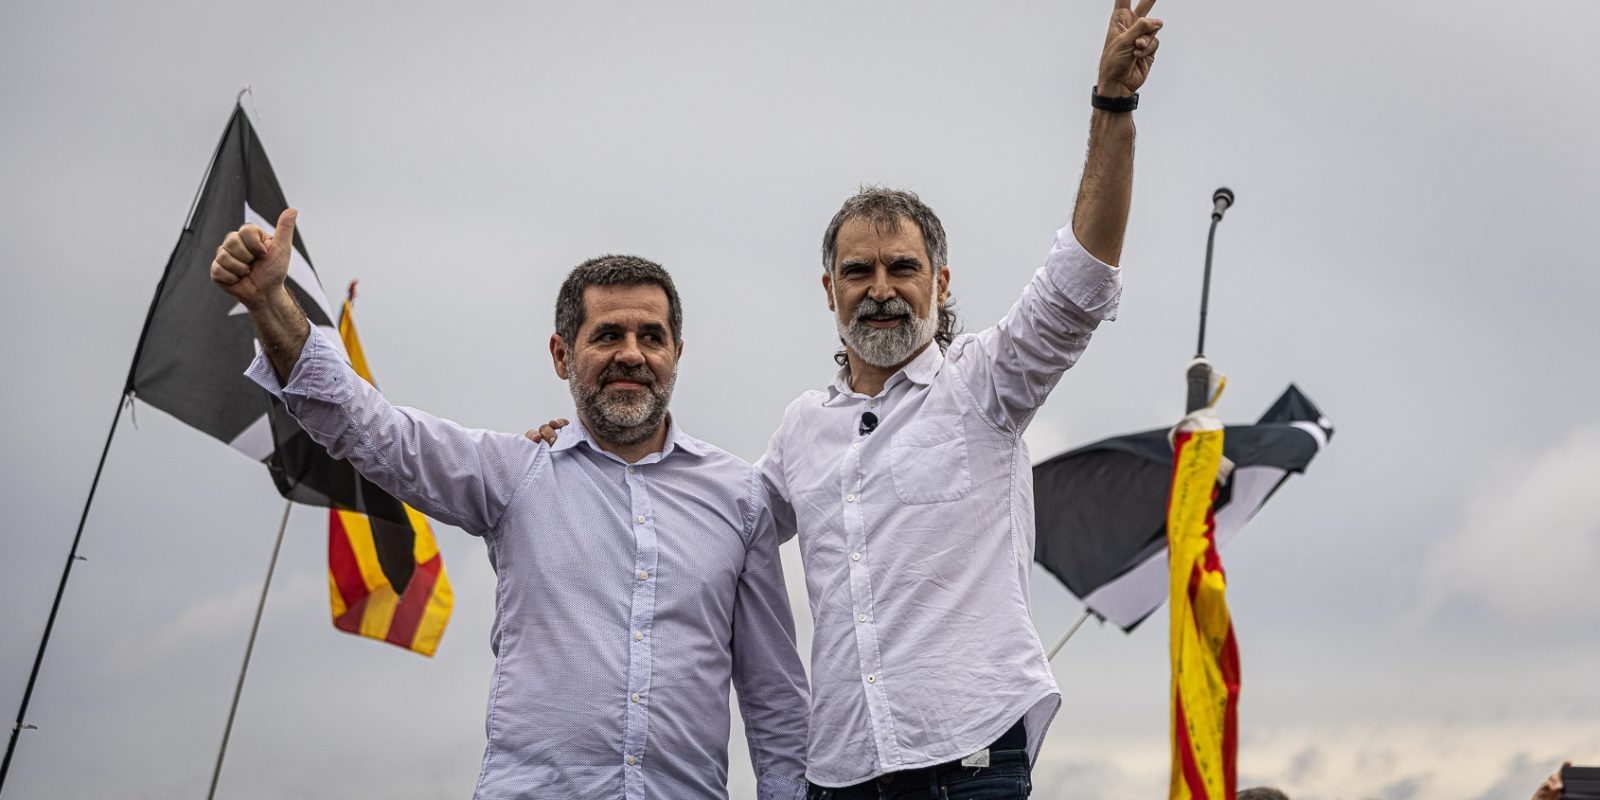 Jordi Sànchez i Jordi Cuixart, el dia de l'alliberament dels presos polítics de l'1-O per l'indult, a la sortida de Lledoners / Jordi Borràs